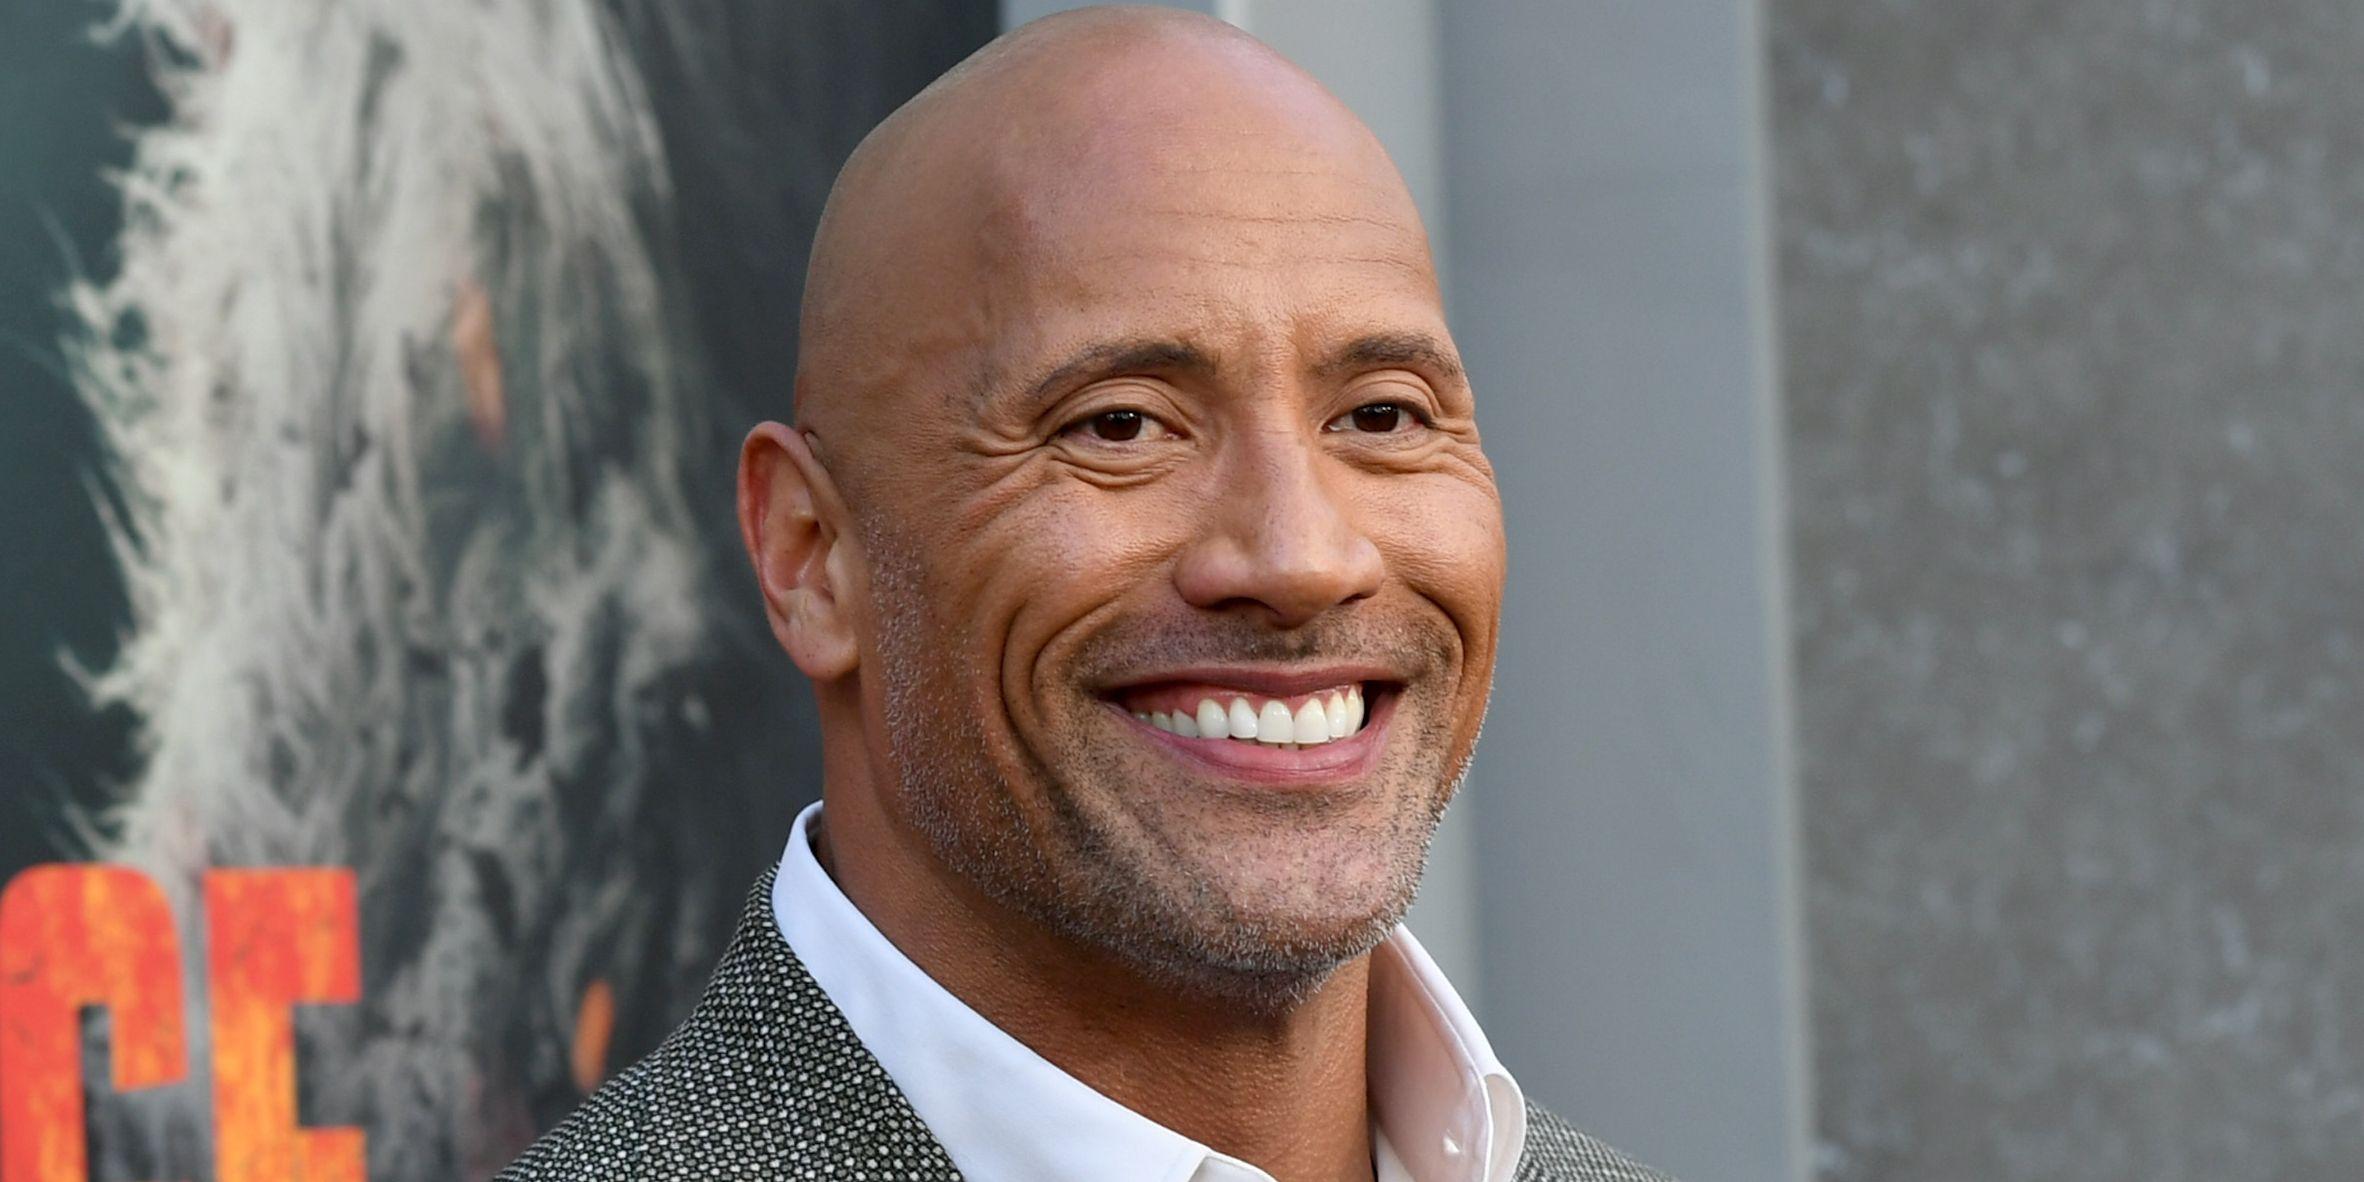 Dwayne 'The Rock' Johnson Just Endorsed Joe Biden for President